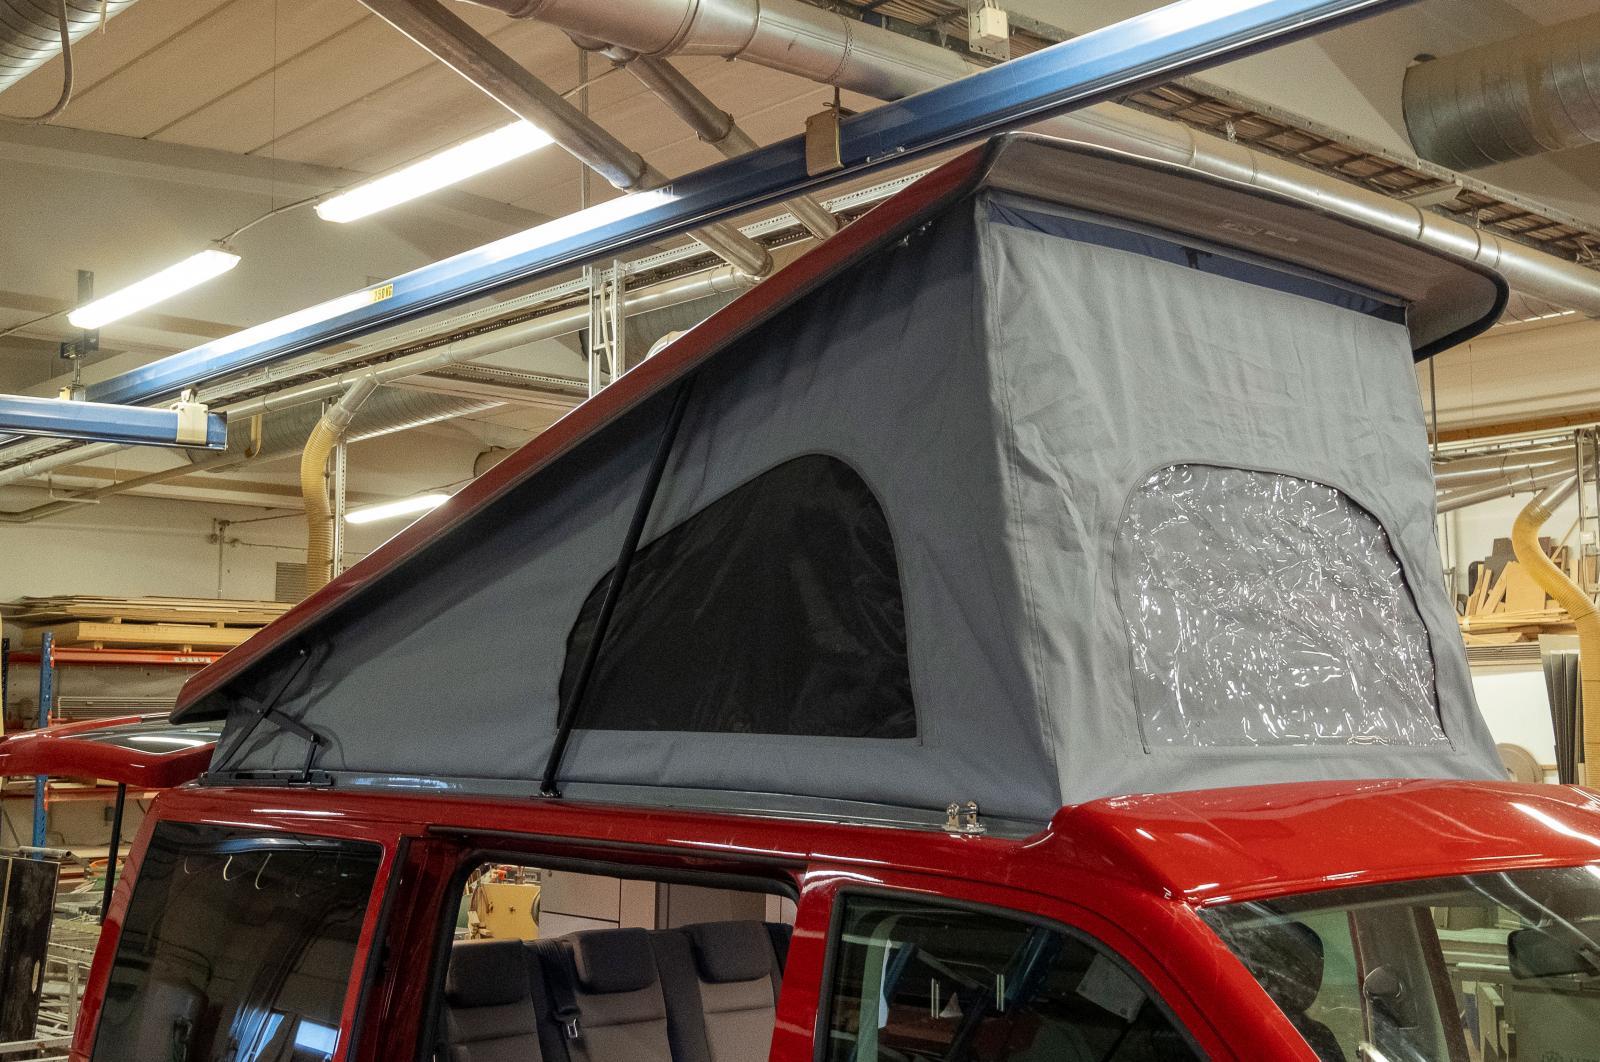 Pop-up tak är komplicerade att montera och det krävs utbildning för att det ska bli gjort enligt konstens alla regler.